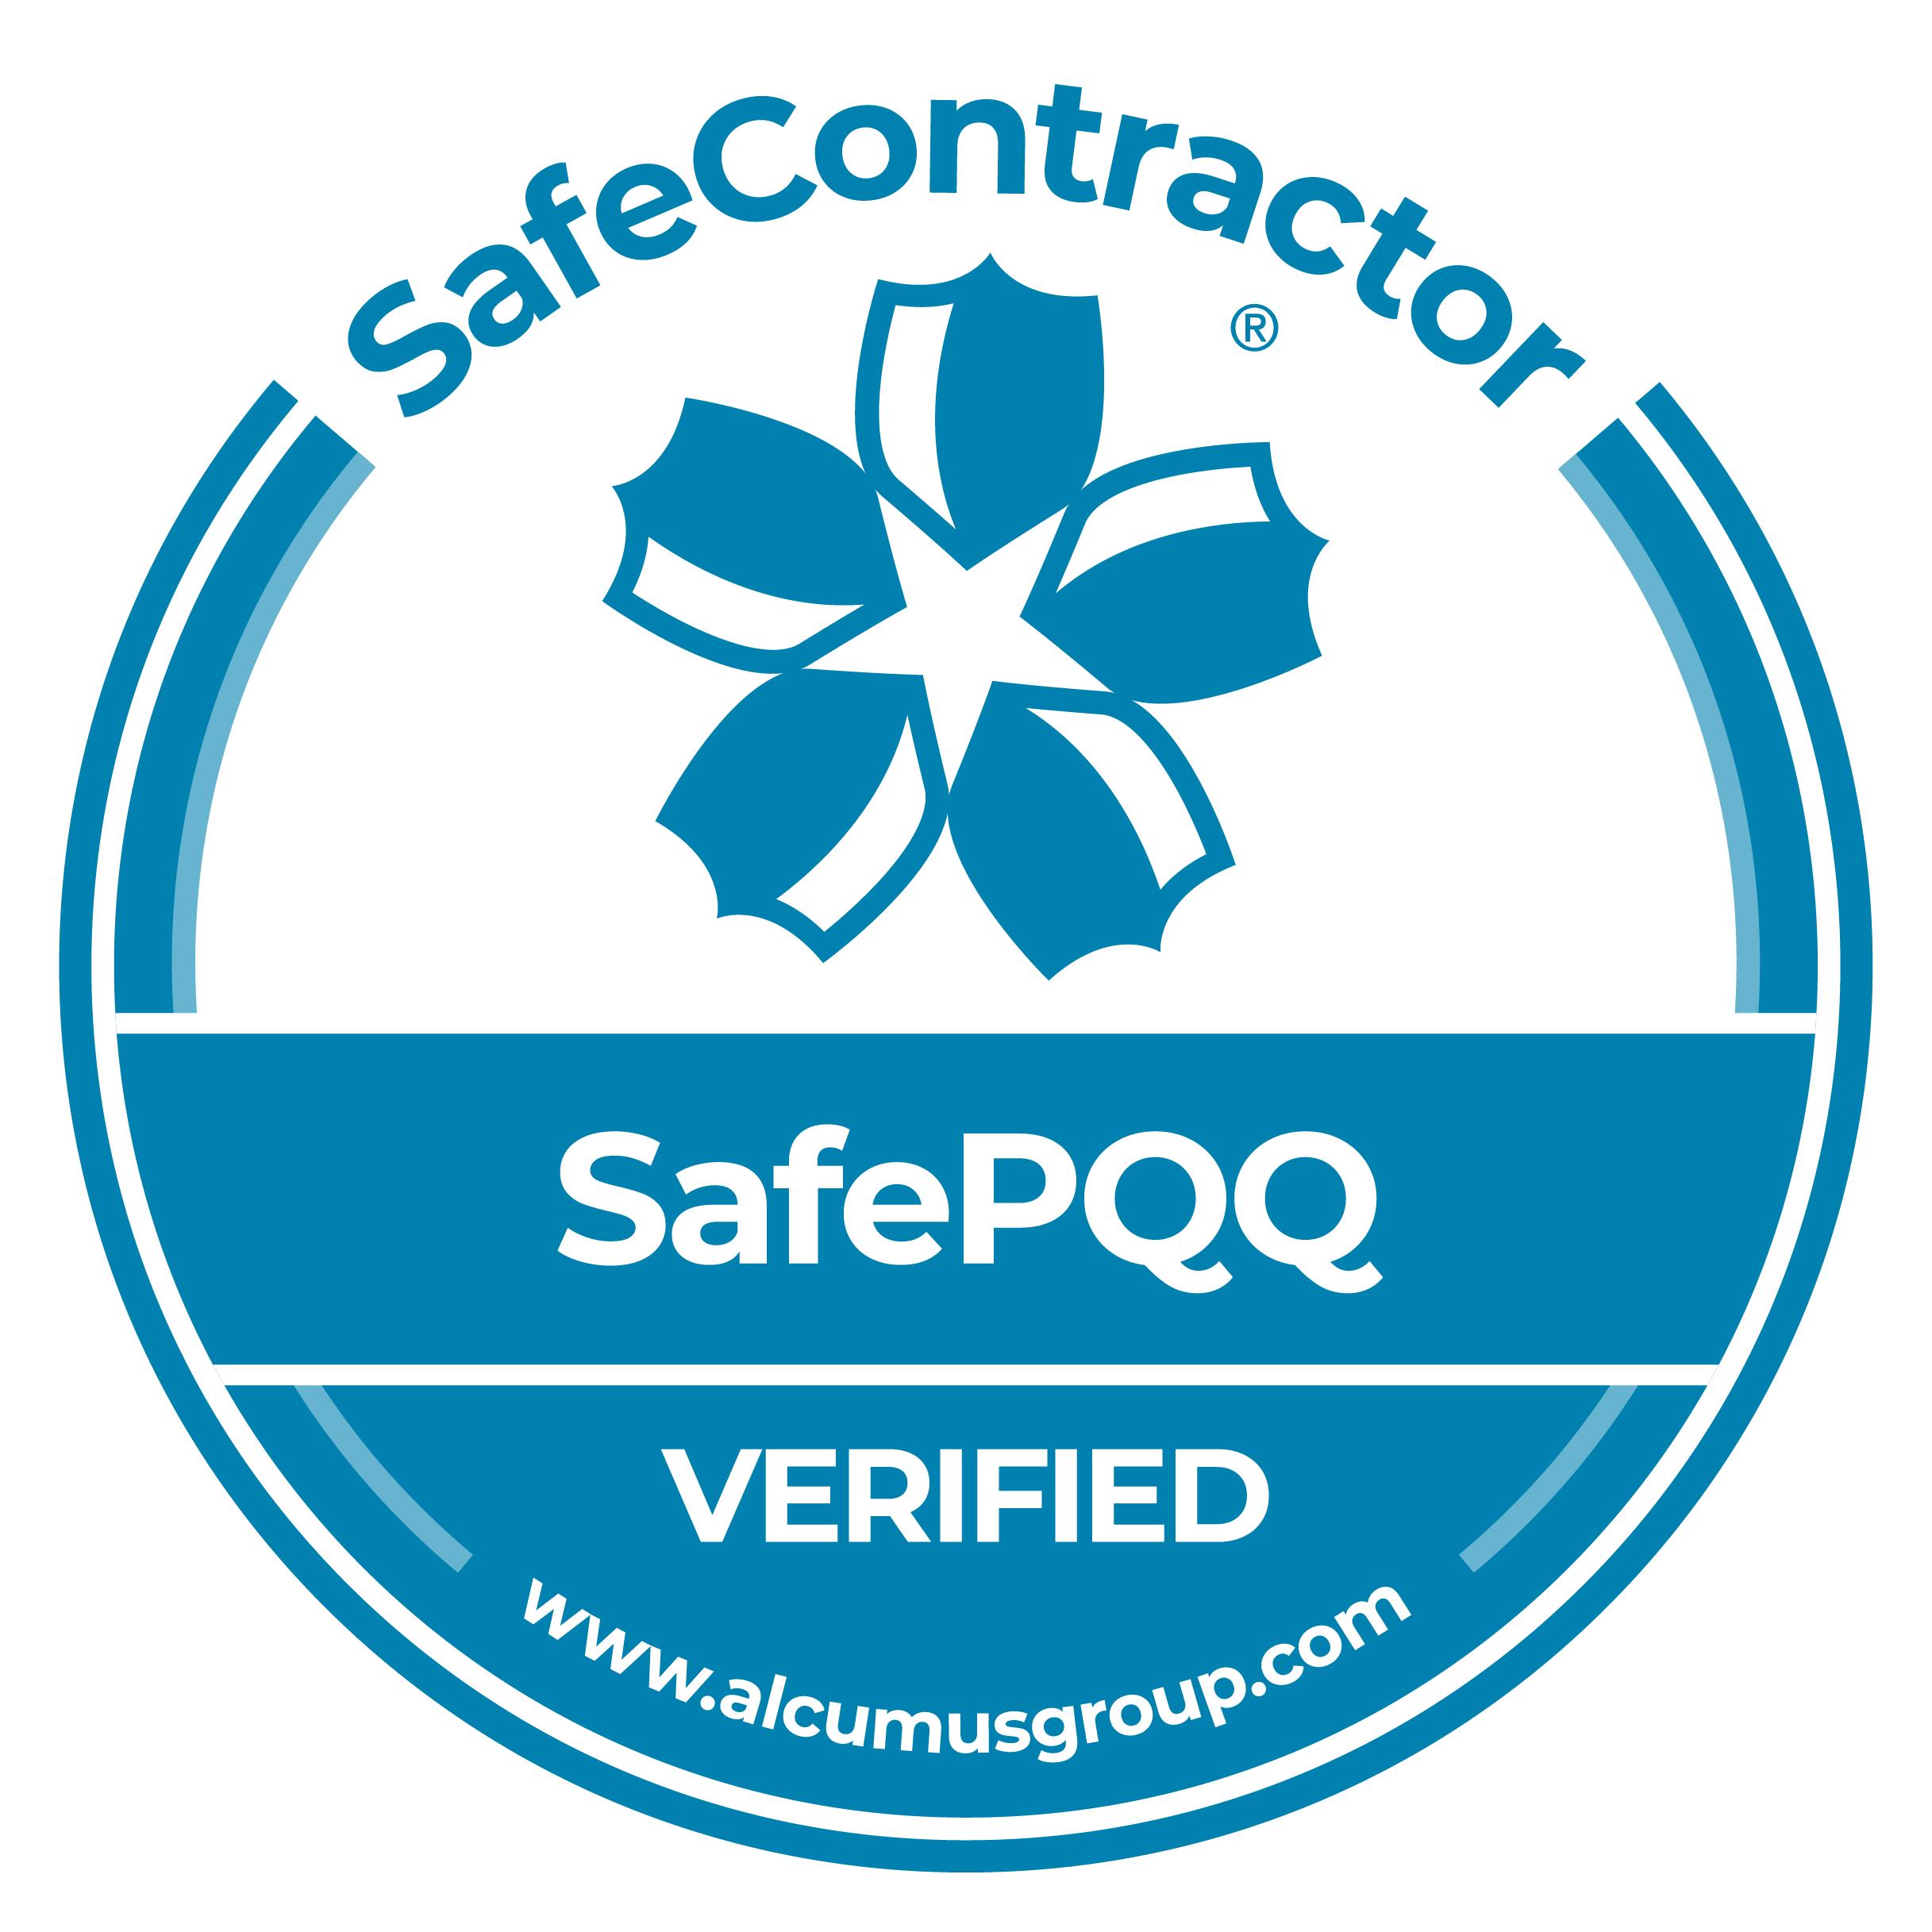 SafePQQ badge